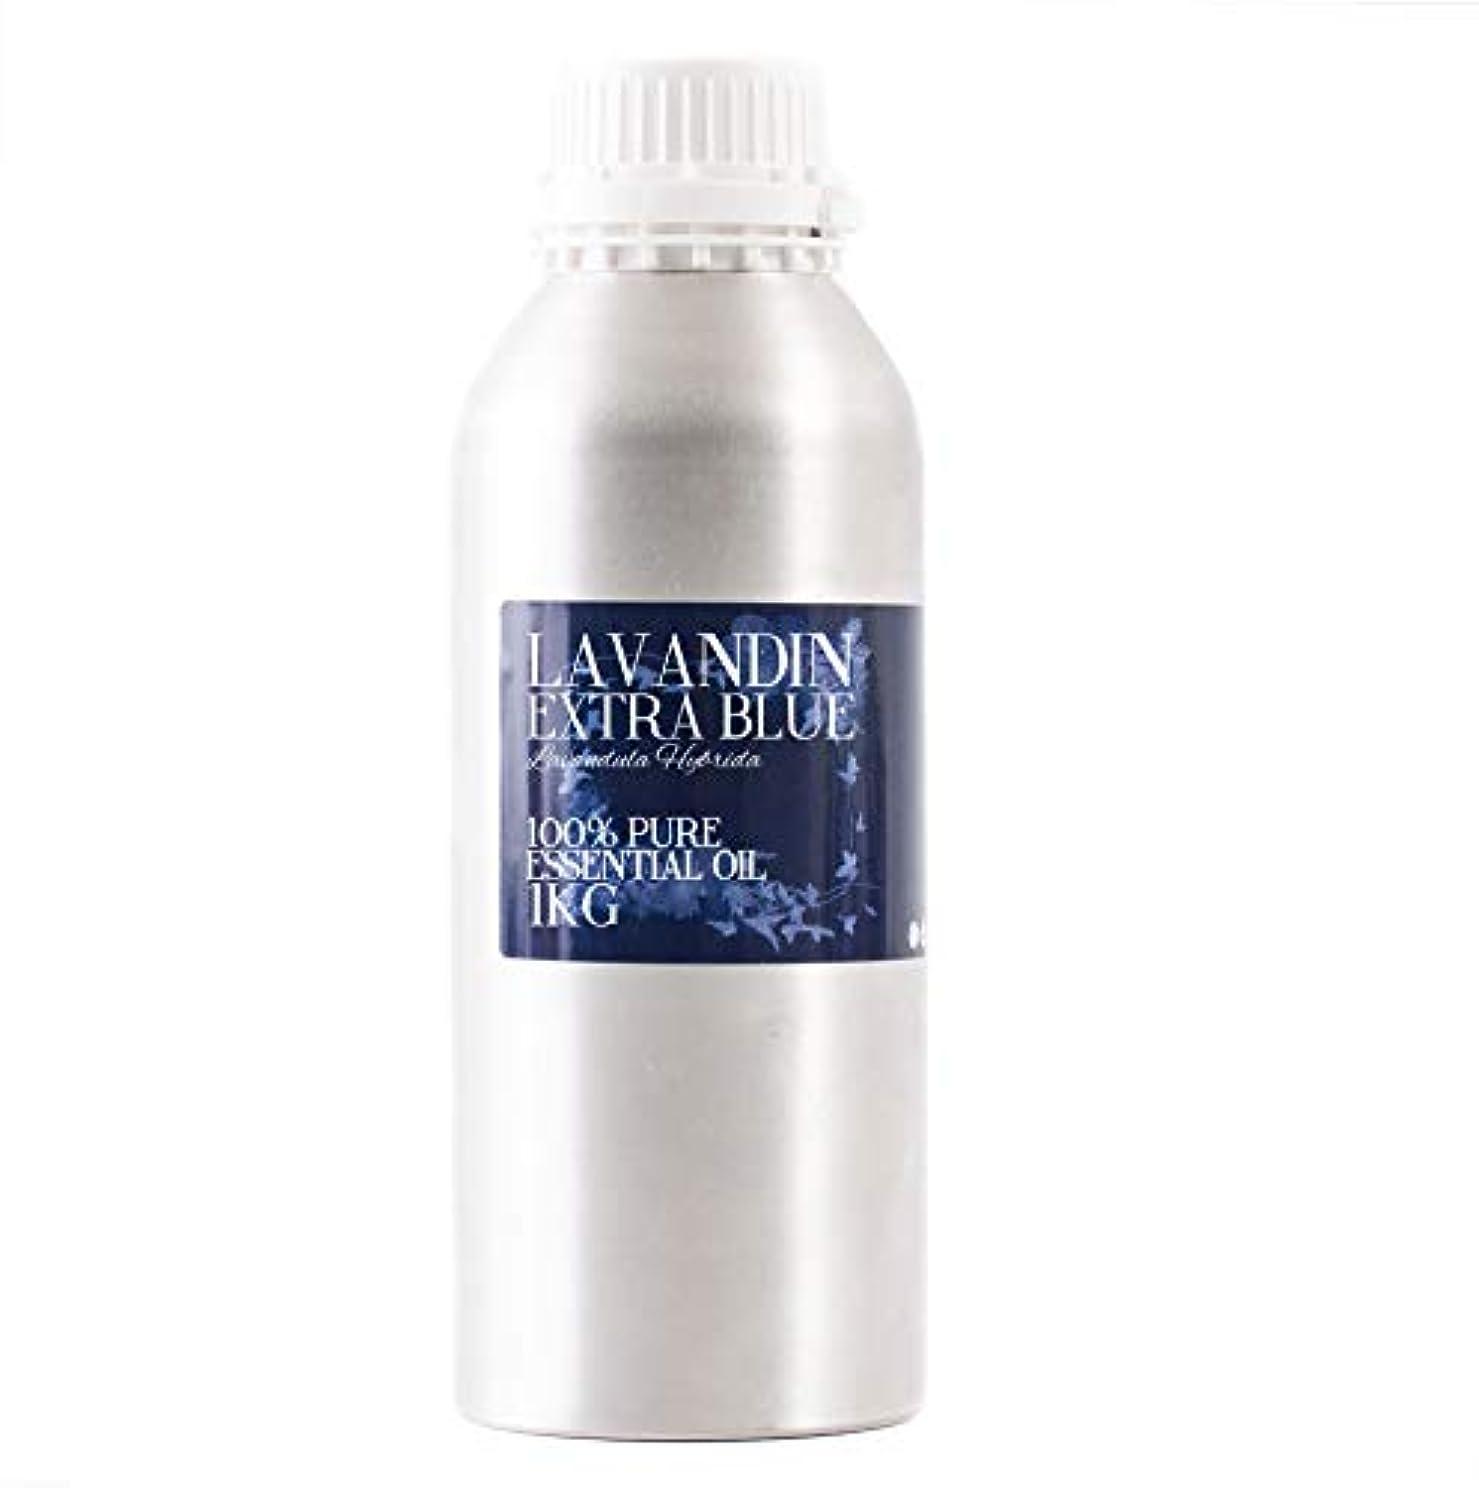 無関心最も遠い記念日Mystic Moments   Lavandin Extra Blue Essential Oil - 1Kg - 100% Pure